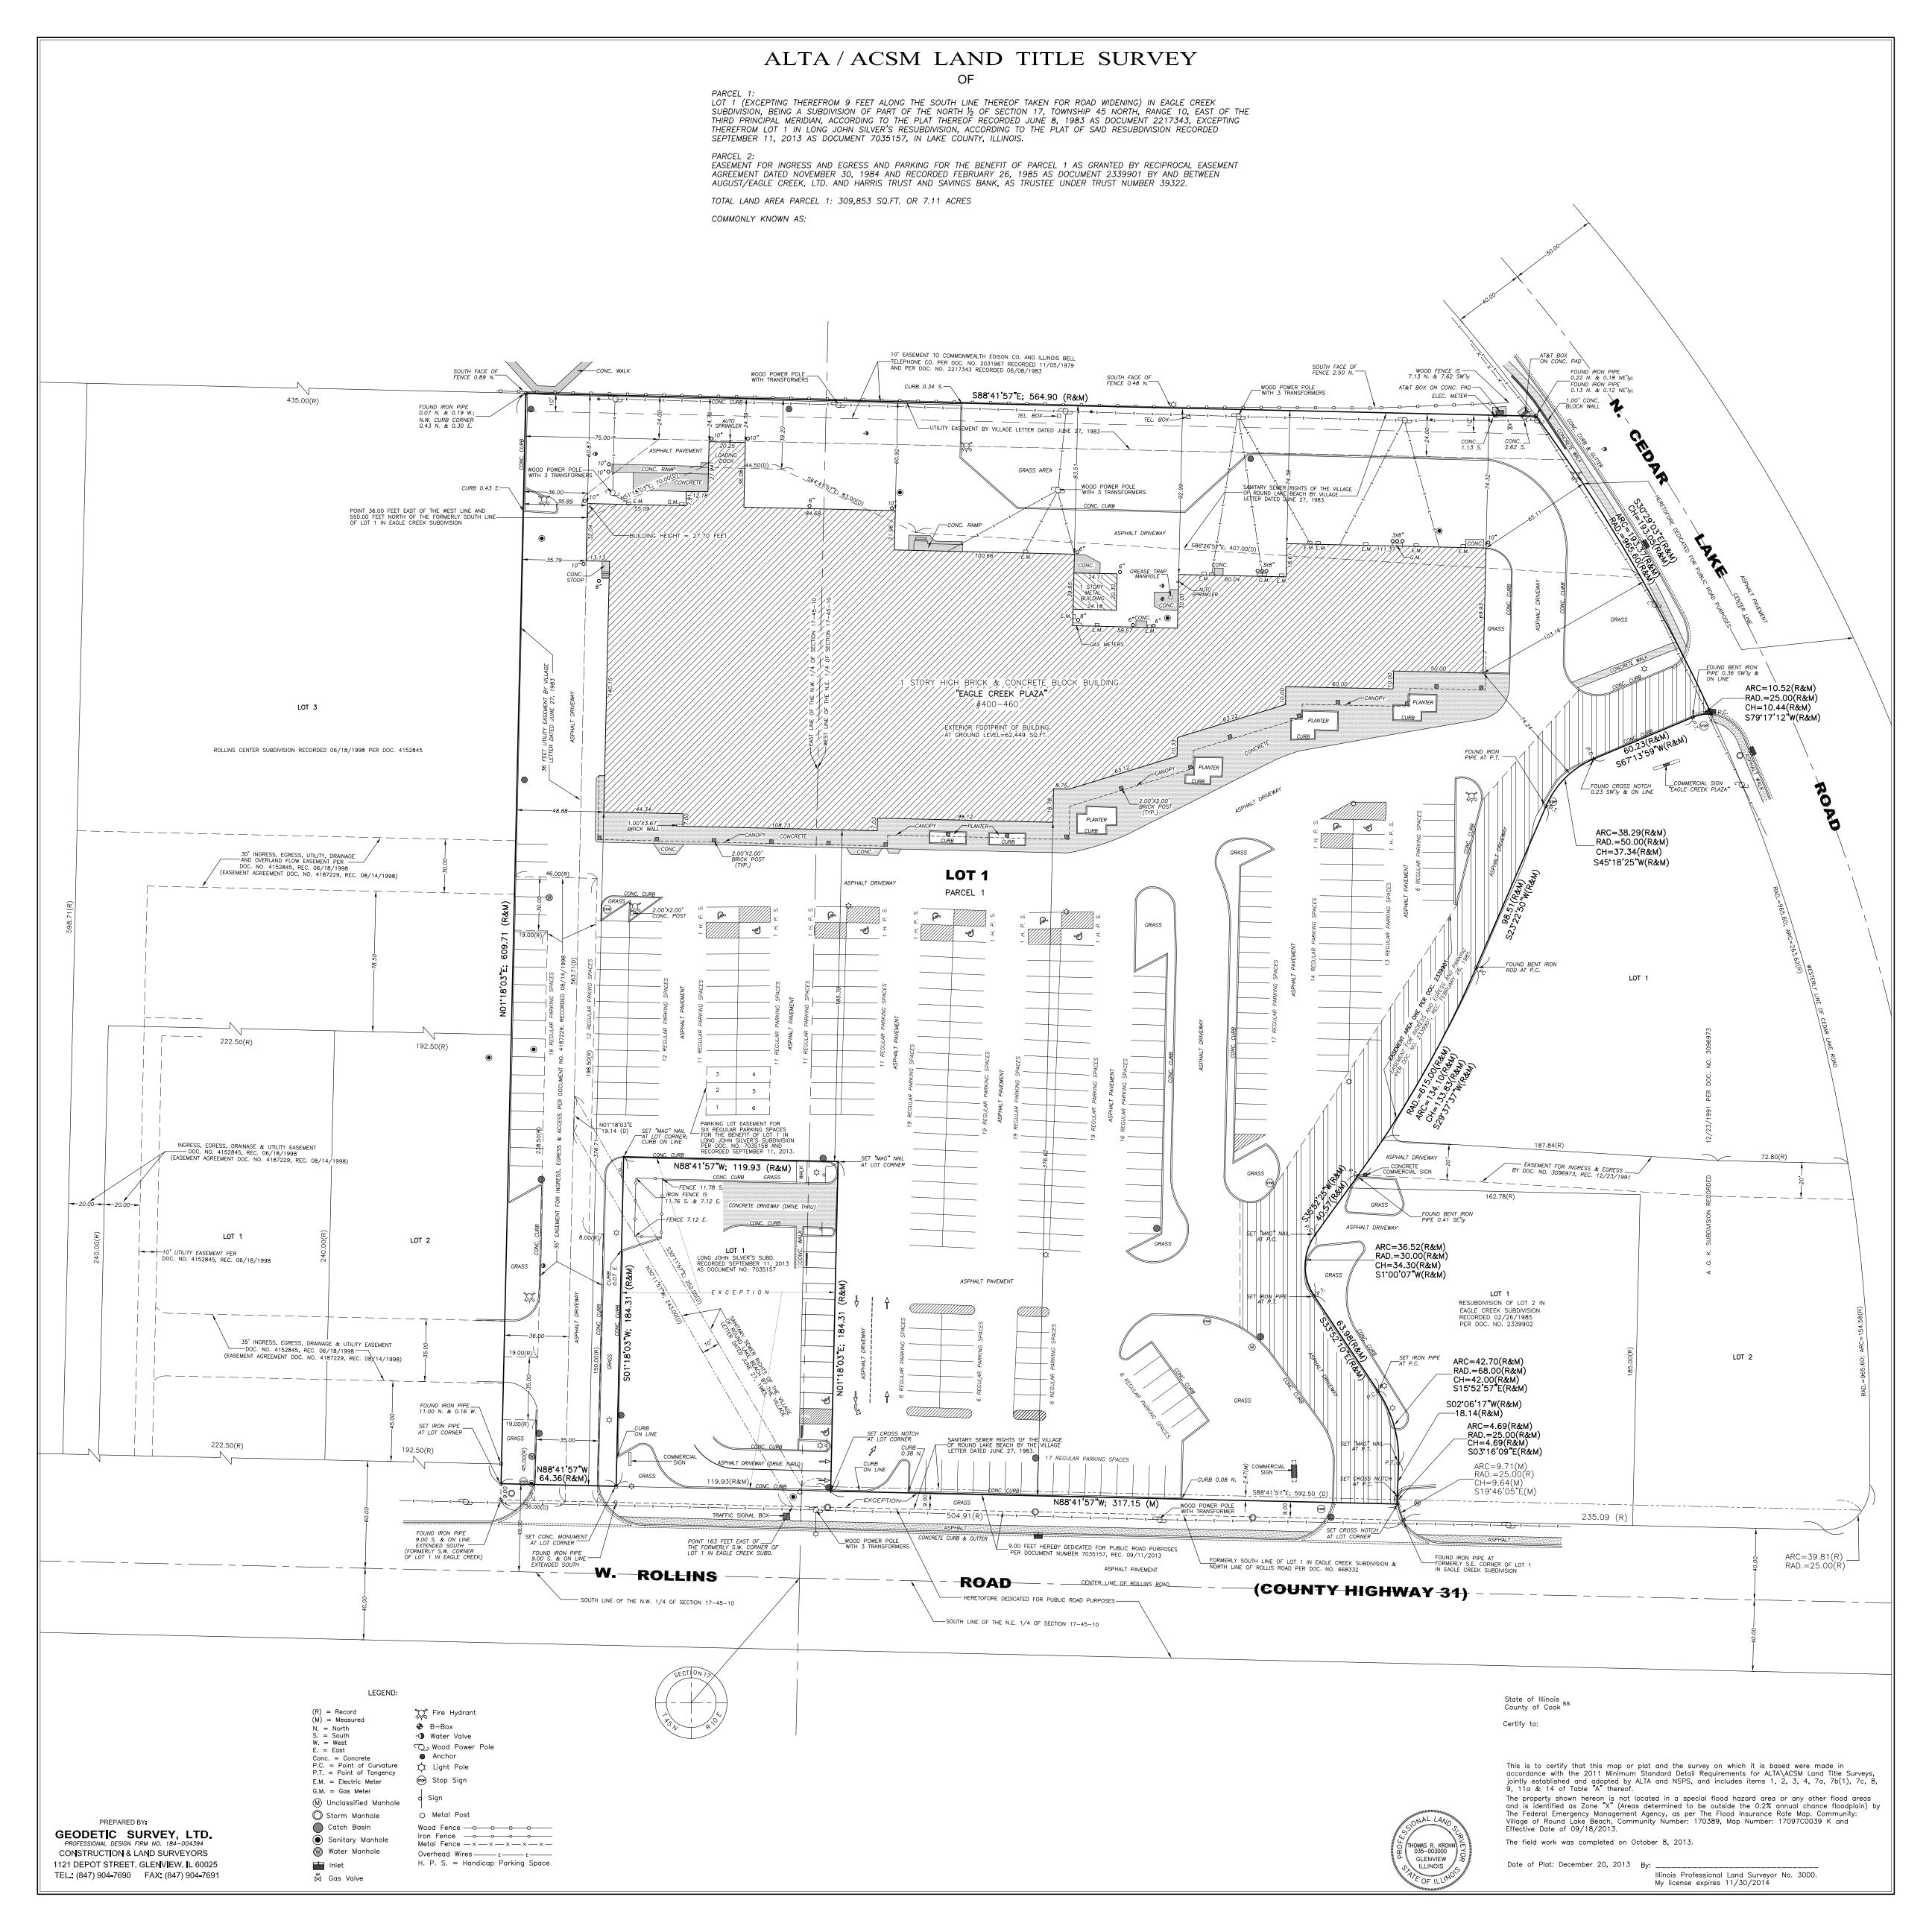 A.L.T.A./A.C.S.M. Land Title Surveys